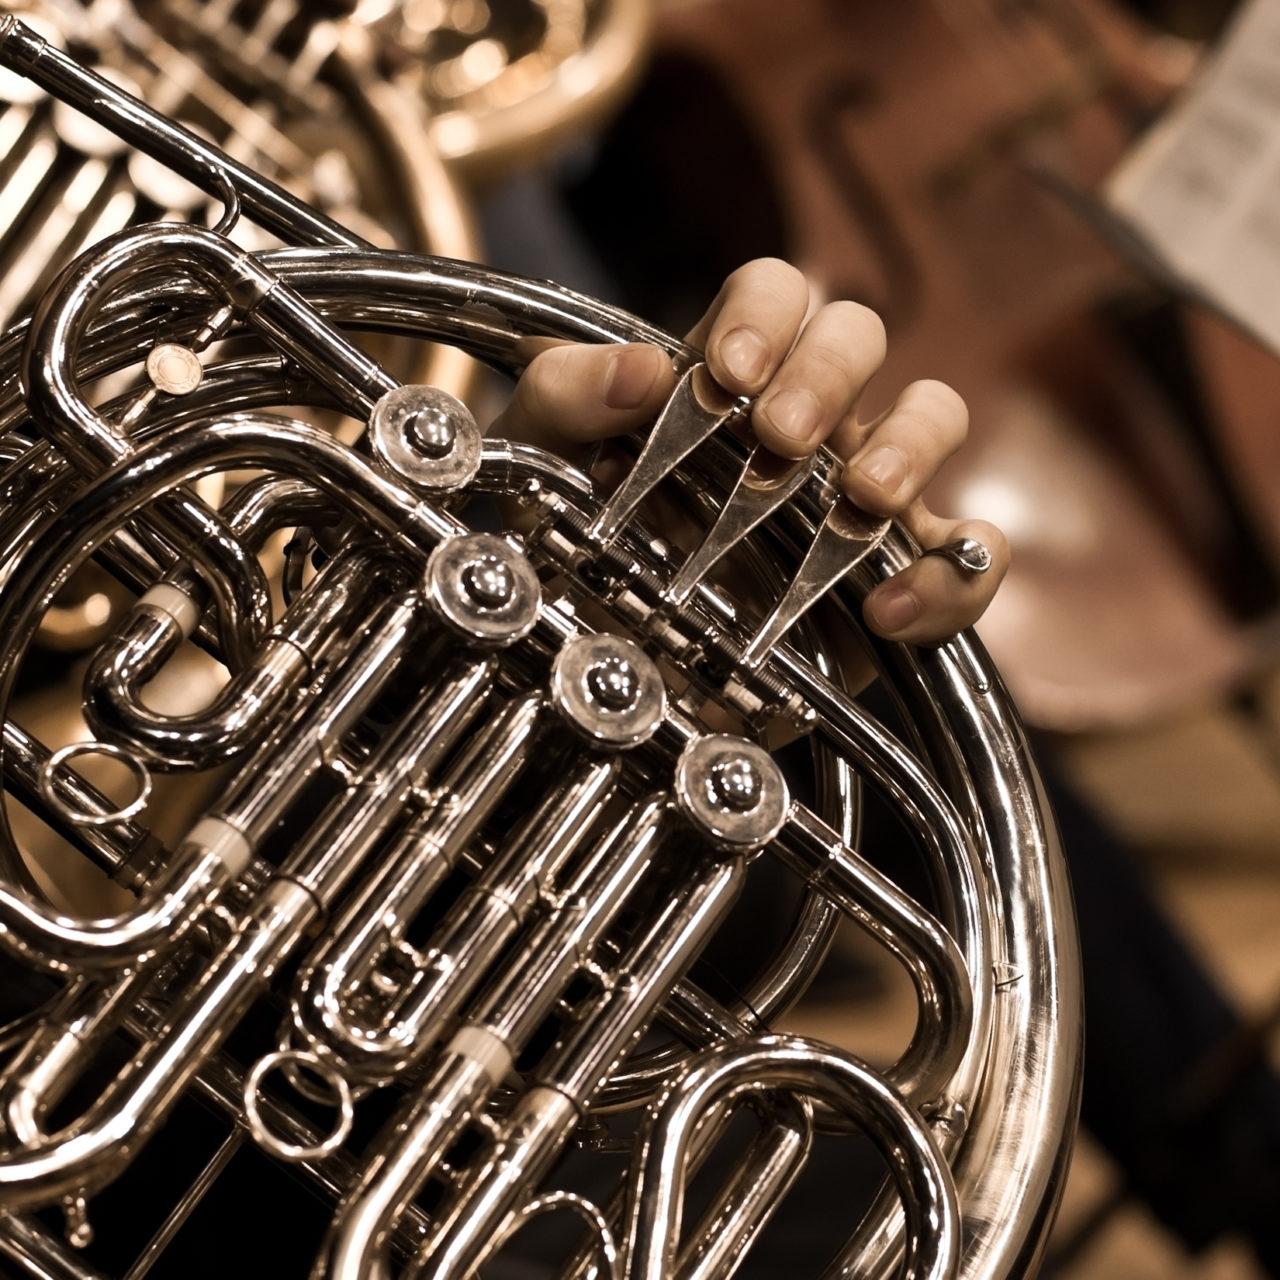 https://dom-musikschule.de/wp-content/uploads/2019/12/Horn-1280x1280.jpg